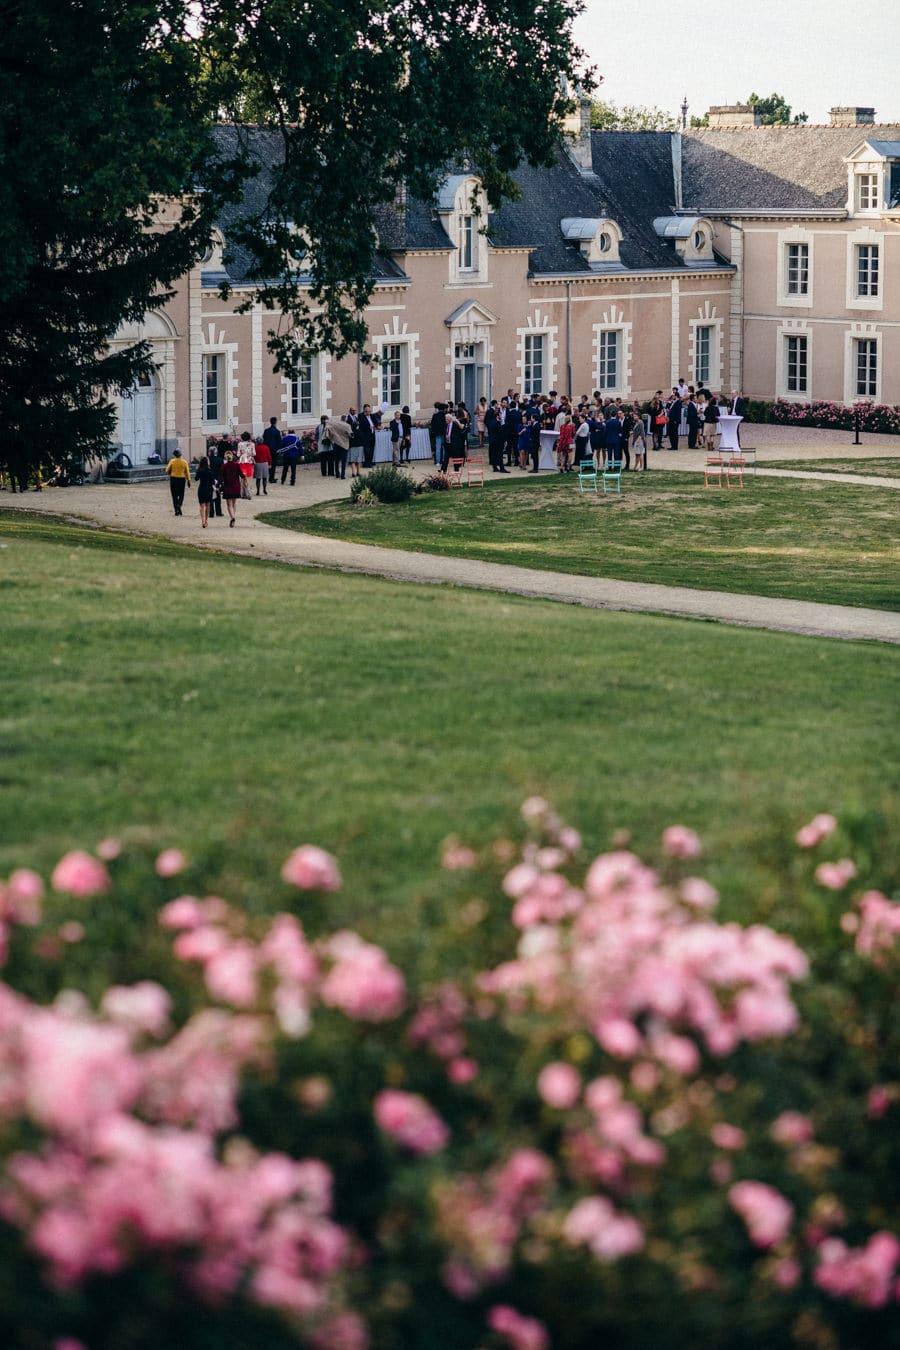 Mariage au château de la chasse mariage-chateau-de-la-chasse-stephane-leludec-32